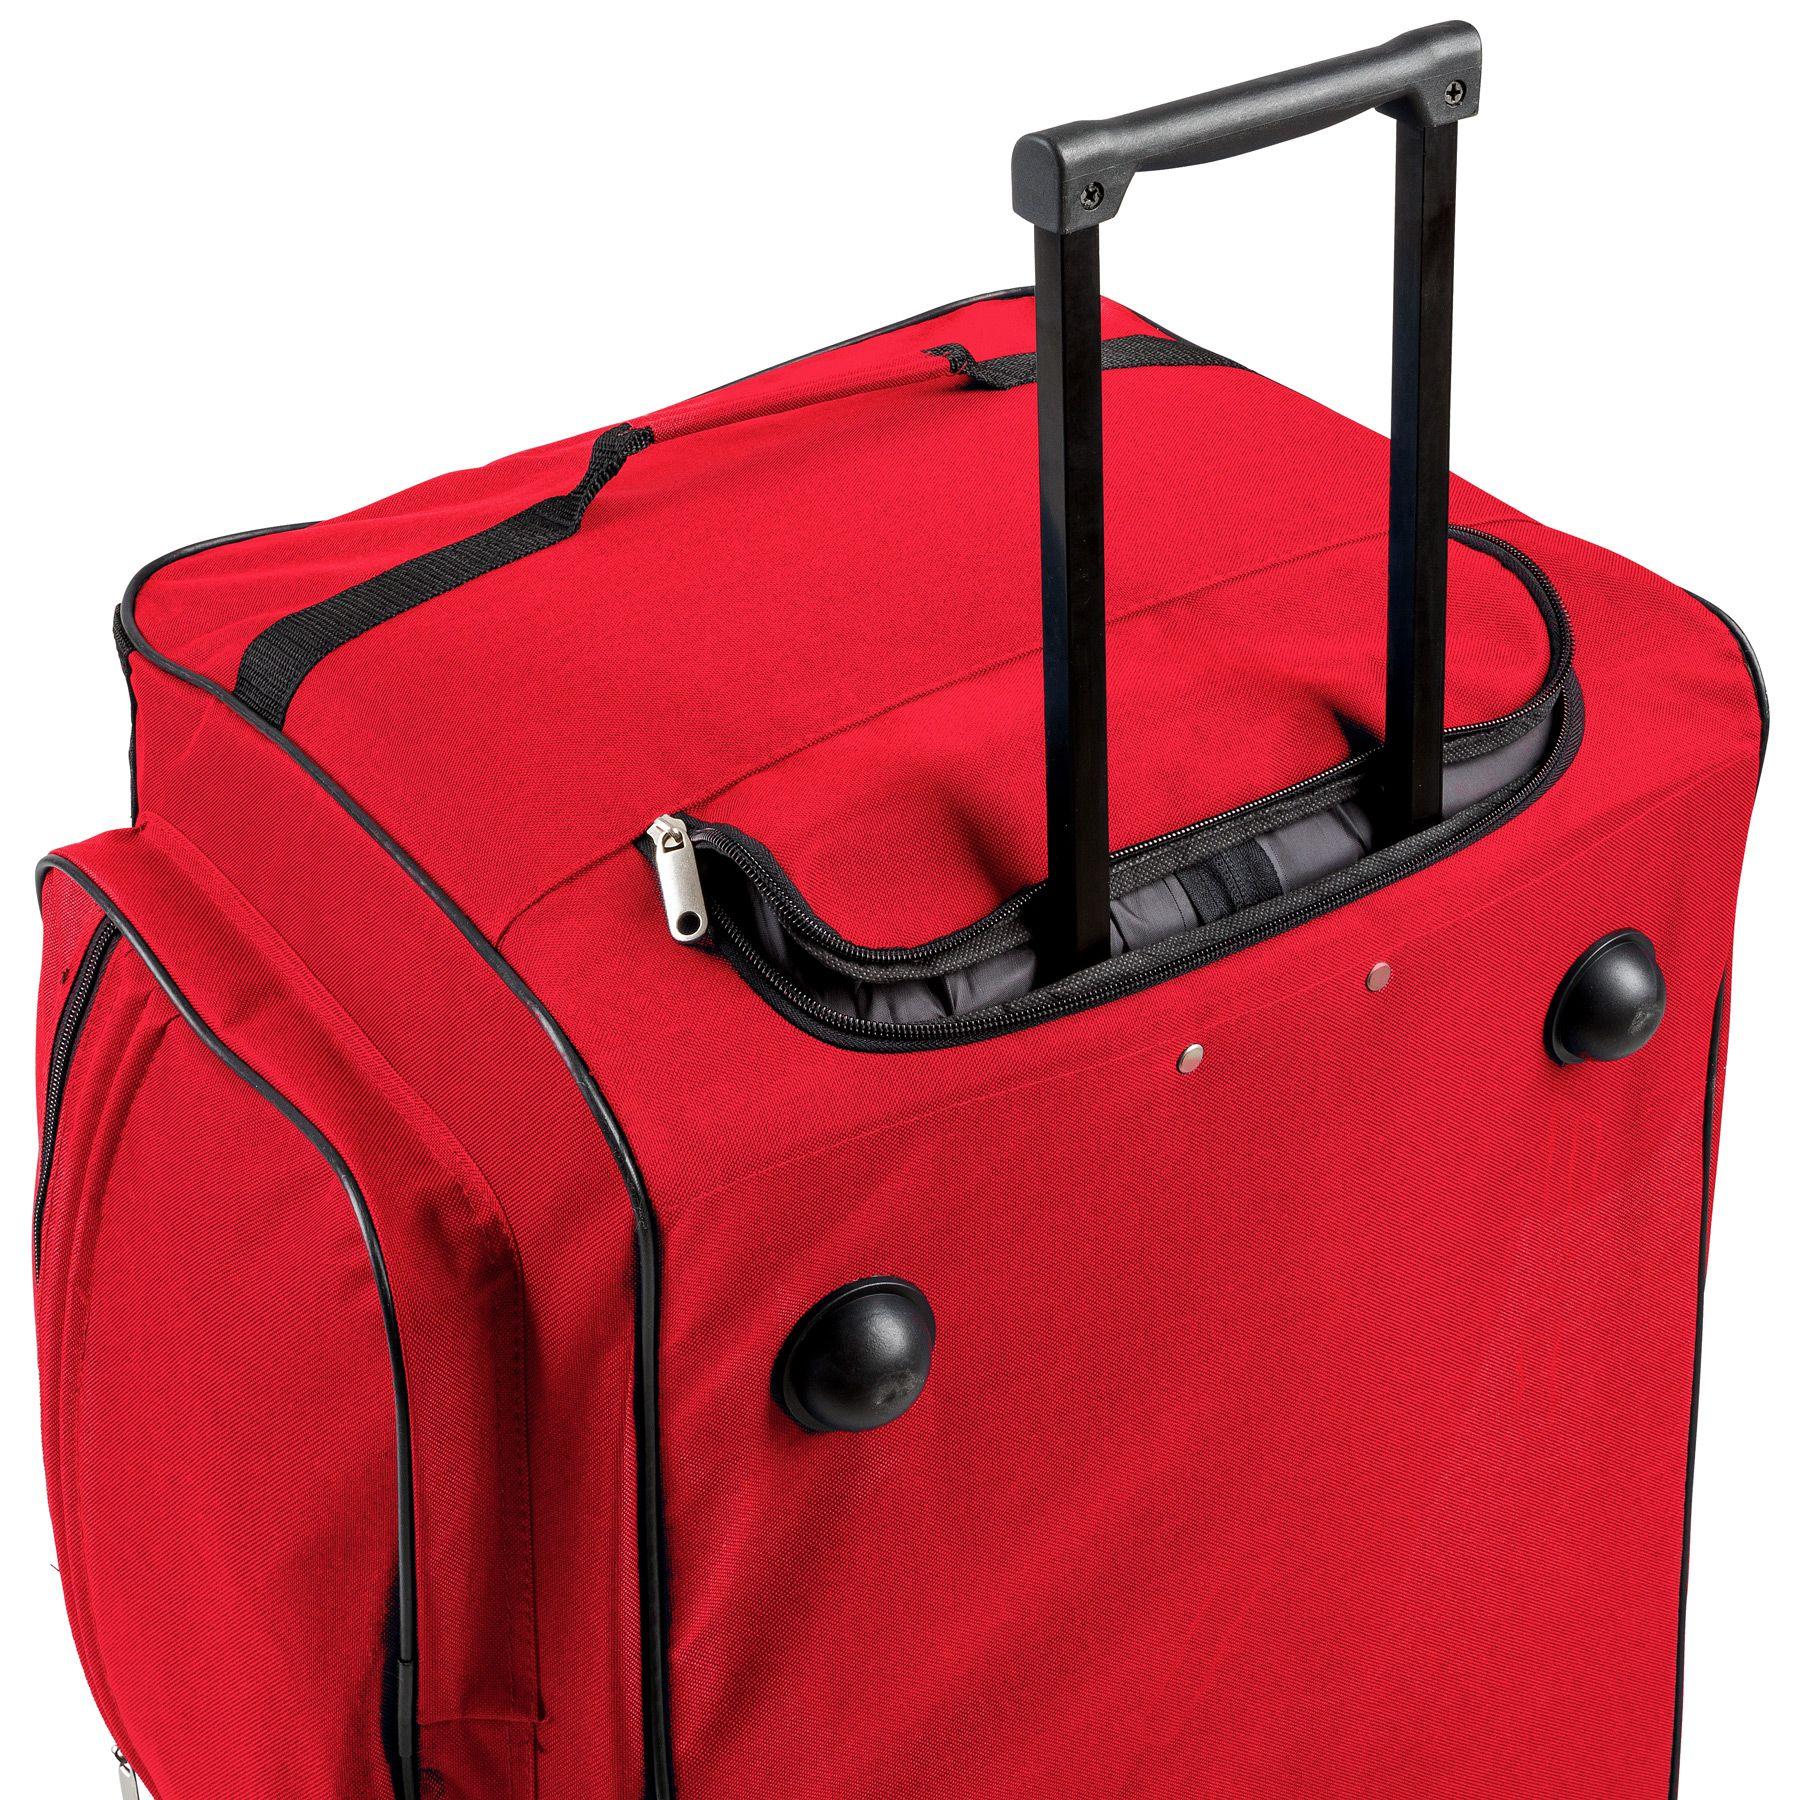 TecTake_Reisetasche_402214_4 Sac de voyage XXL valise trolley légère sport bagage à roulettes 160 litres